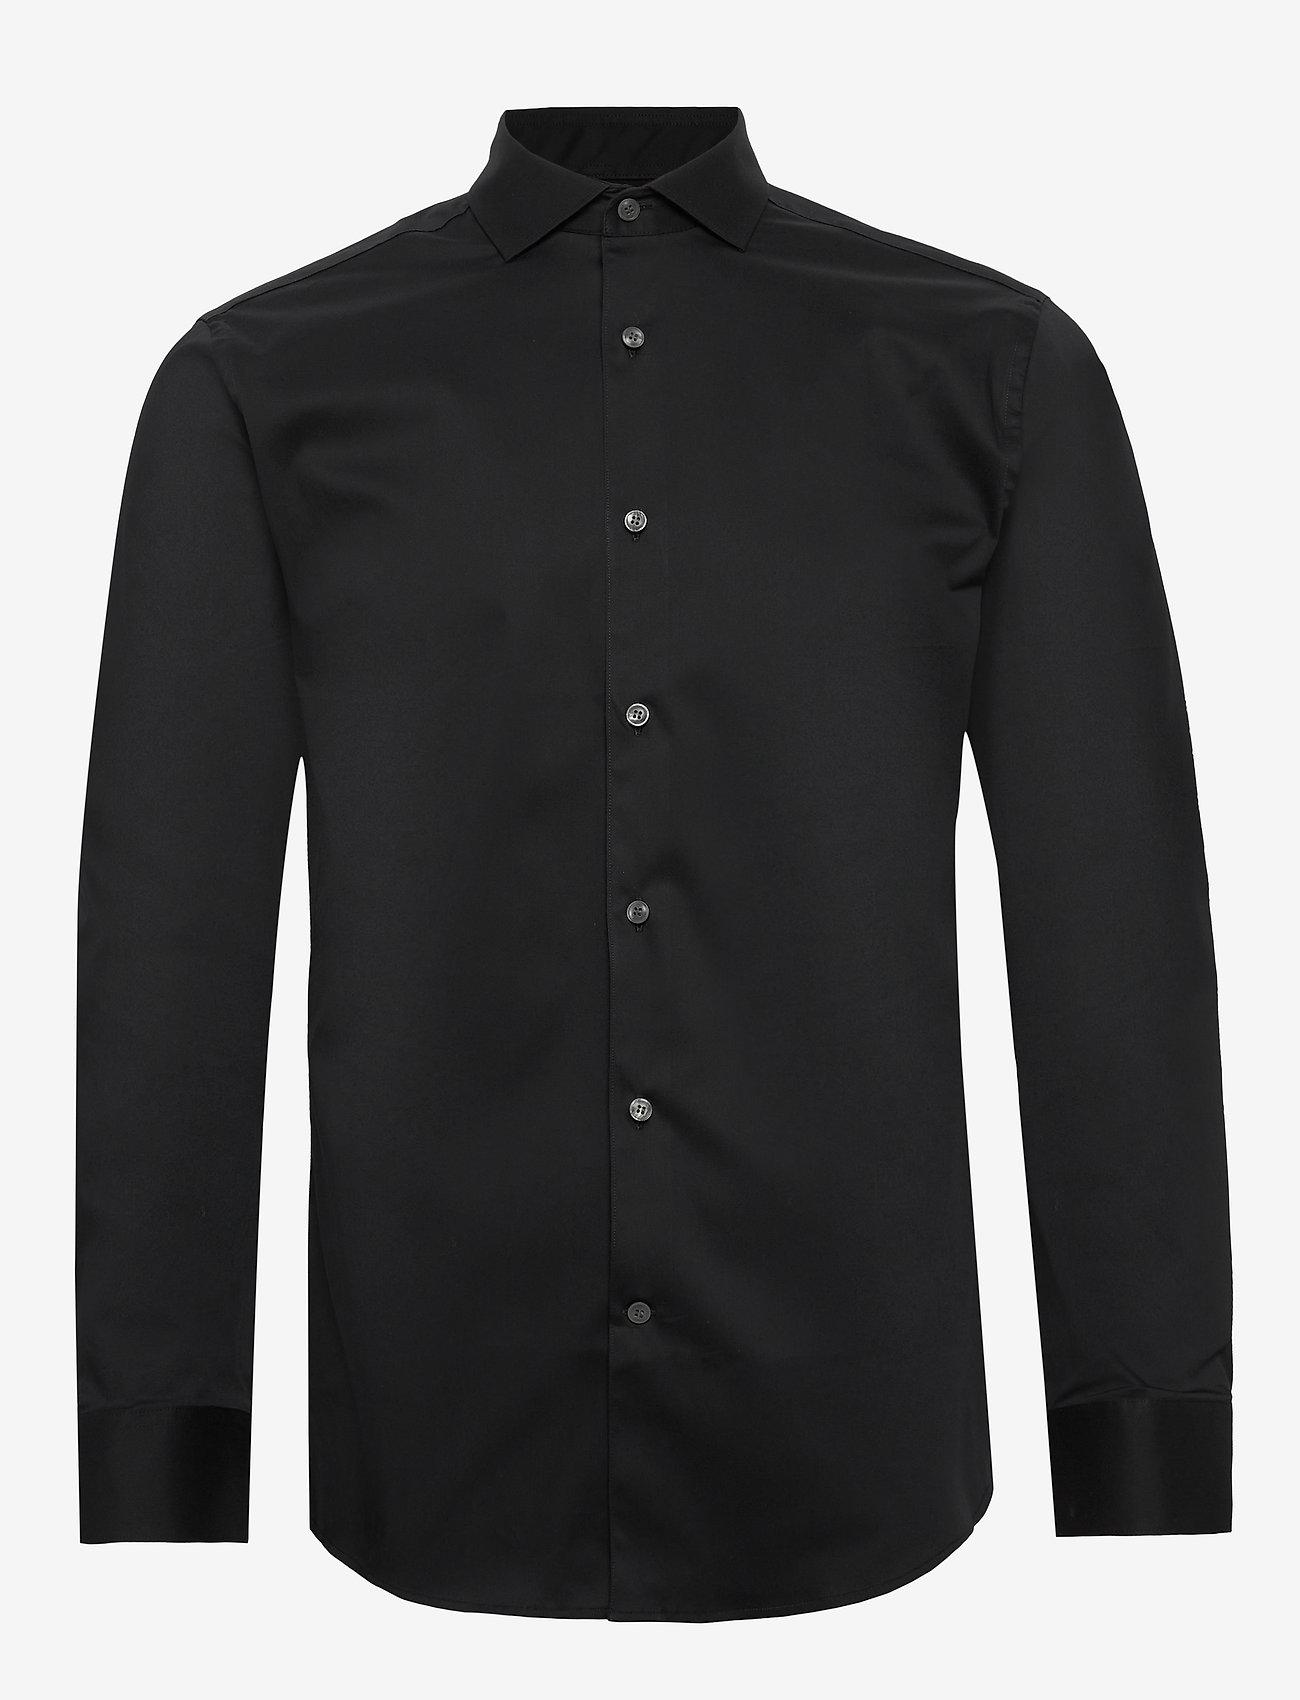 Tiger of Sweden - FARRELL 5 - basic skjorter - black - 0